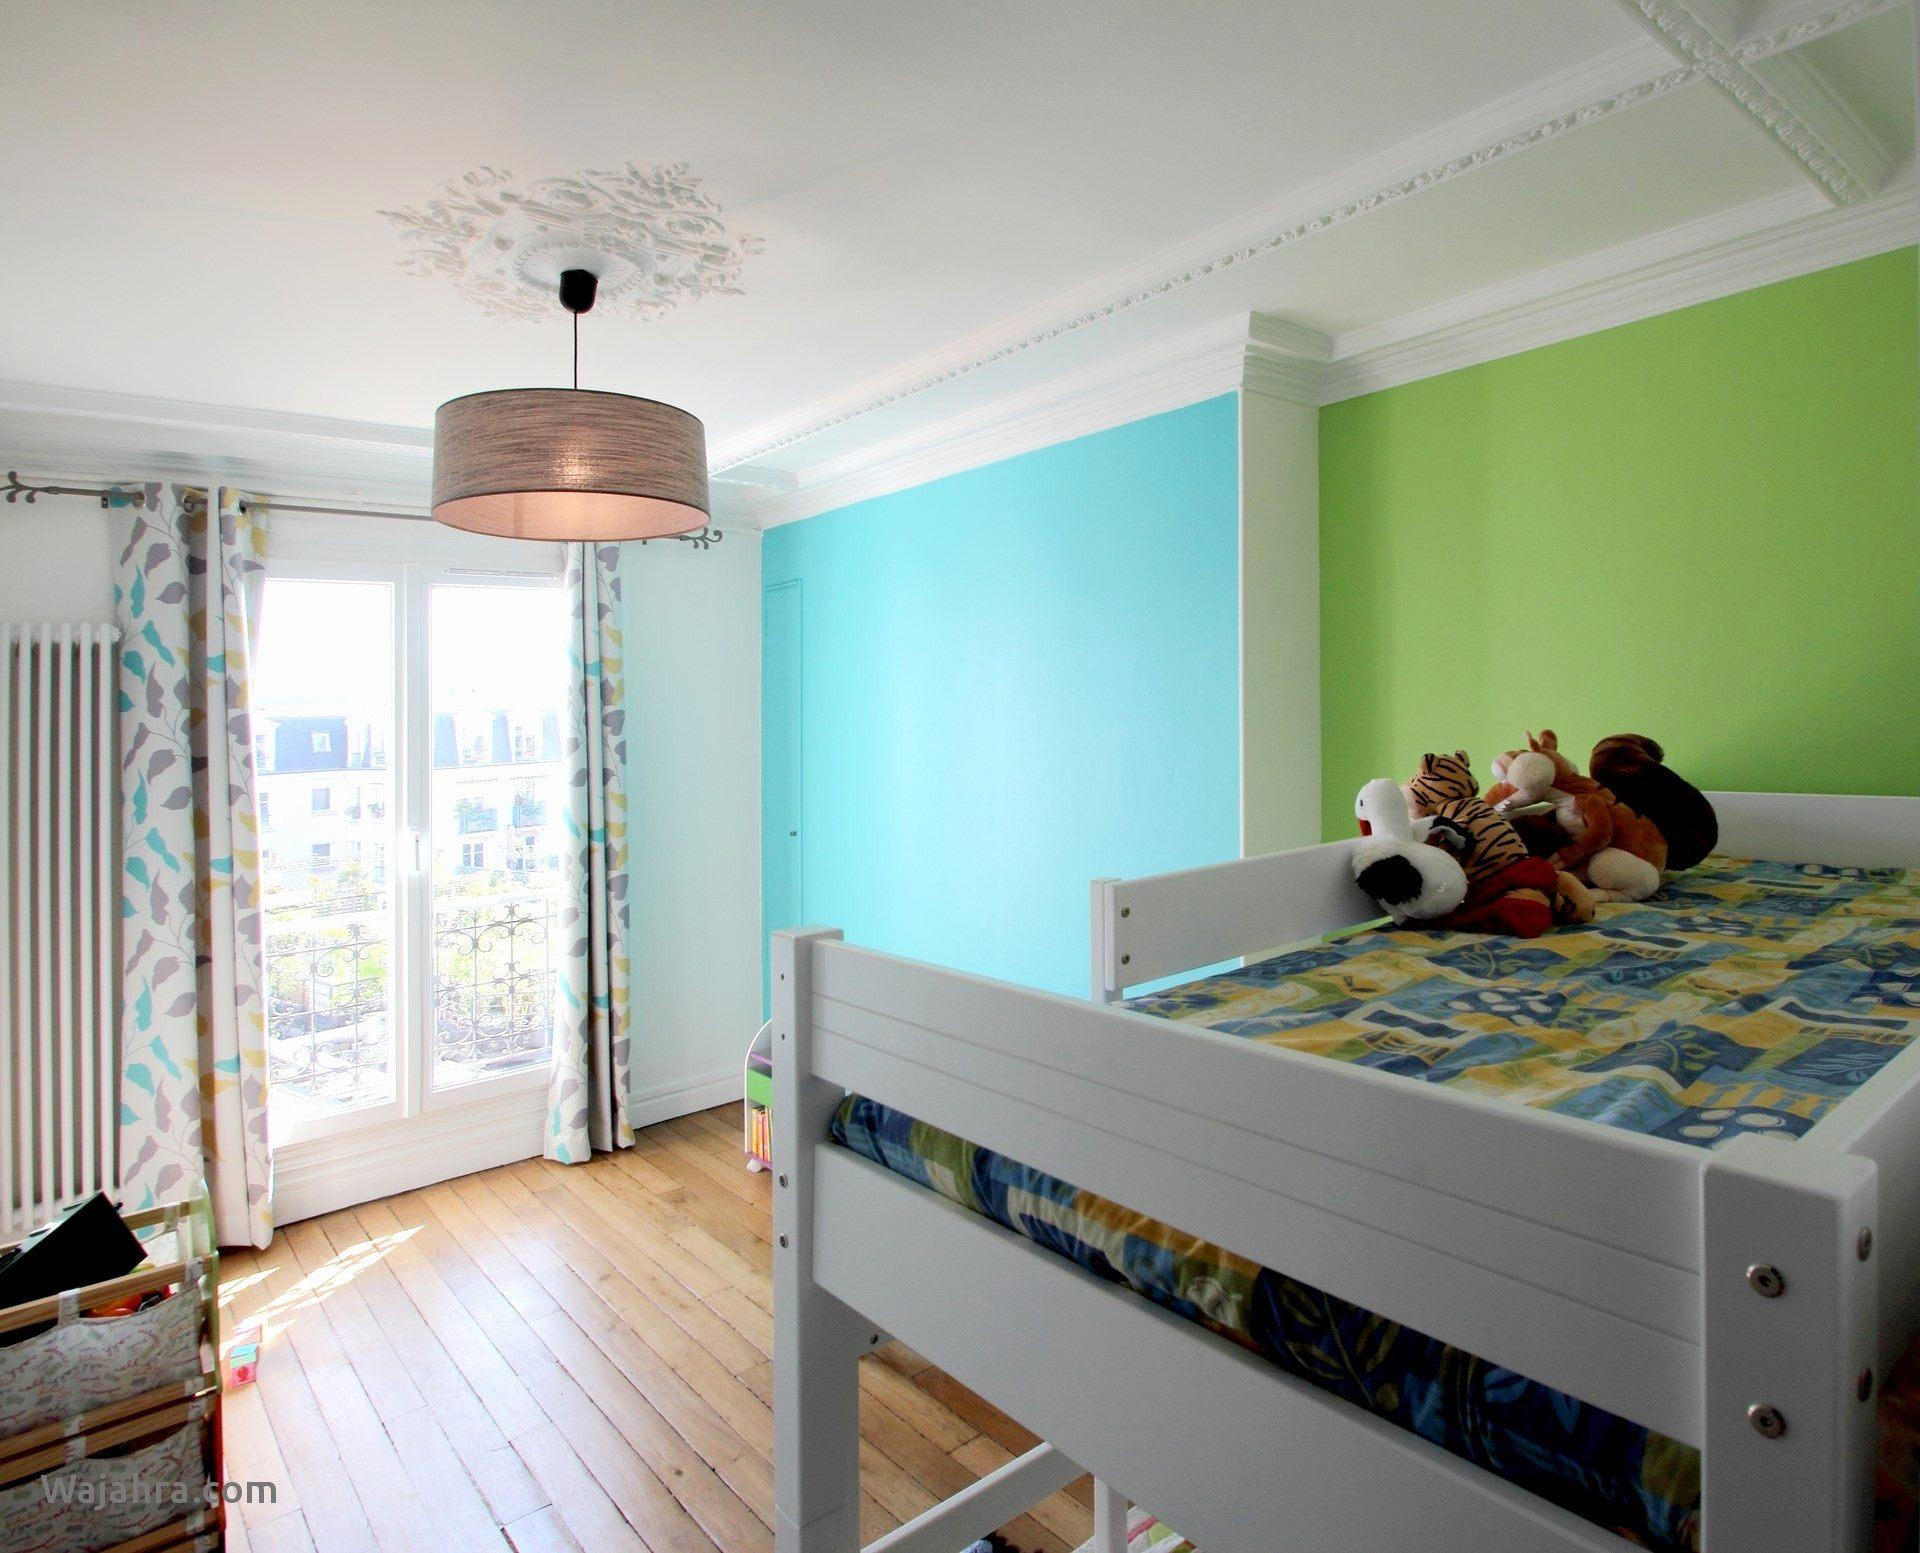 Lit Bois Bebe Bel Glamour Chambre Enfant Decoration  Chambre Bébé Bois Massif Lit